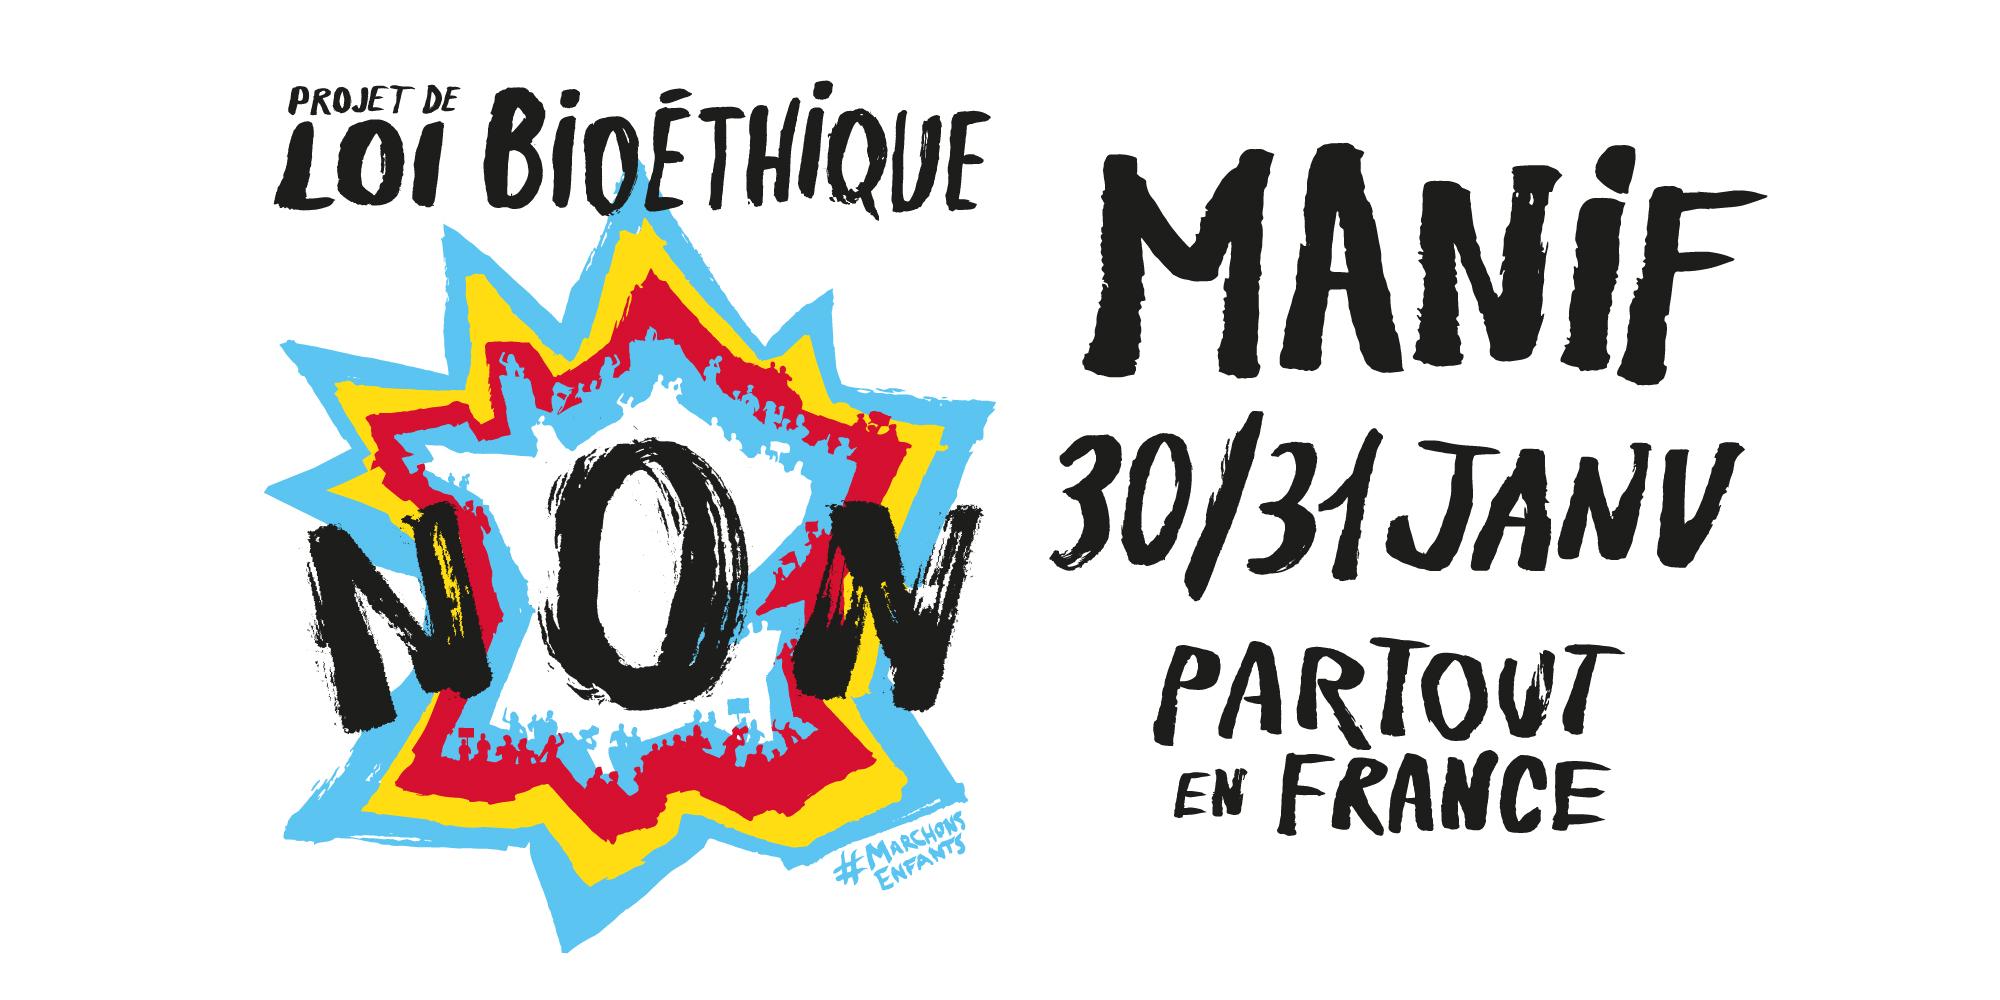 30 et 31 janvier : Manifestations « Marchons Enfants » partout en France contre la PMA sans père, la GPA et le projet de loi bioéthique